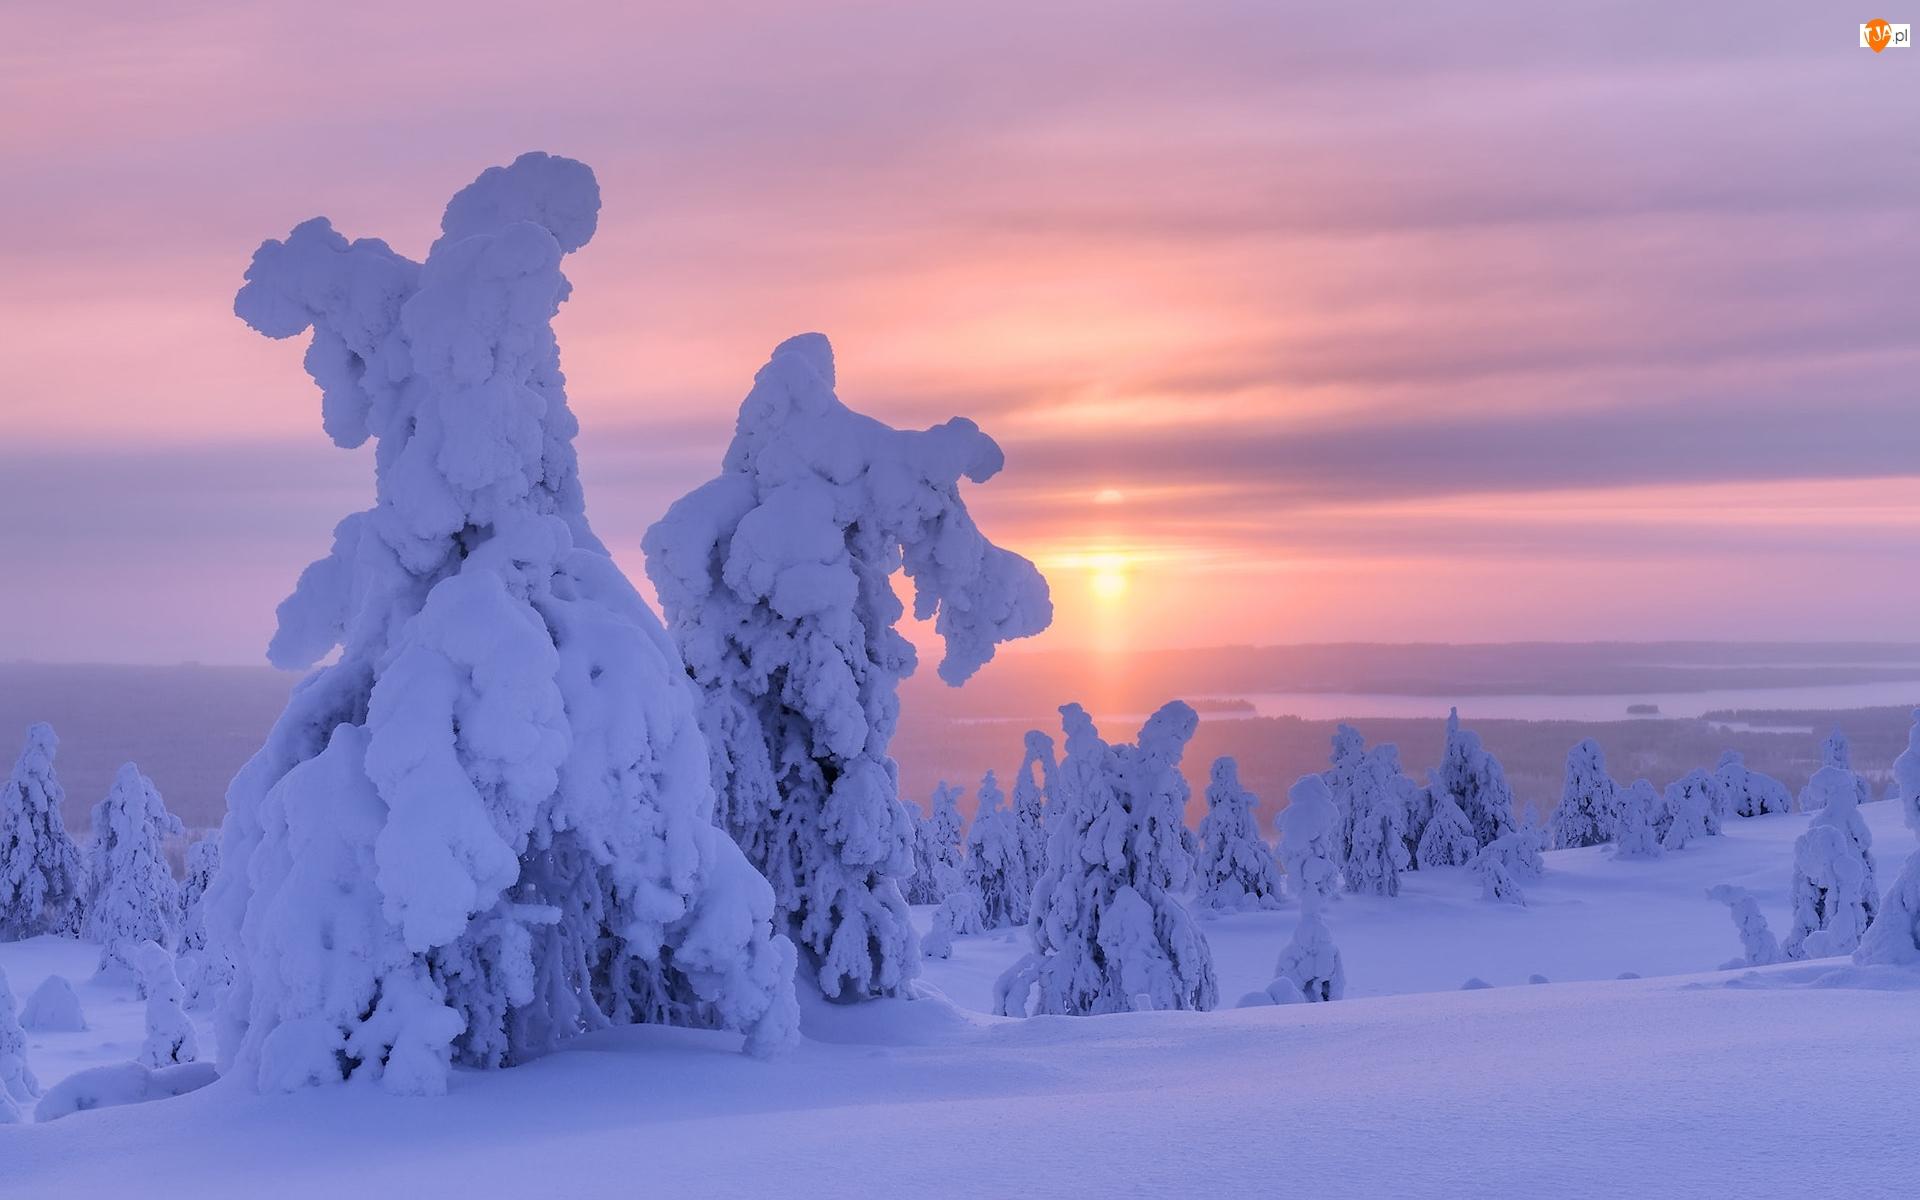 Drzewa, Niebo, Zaśnieżone, Zima, Wschód słońca